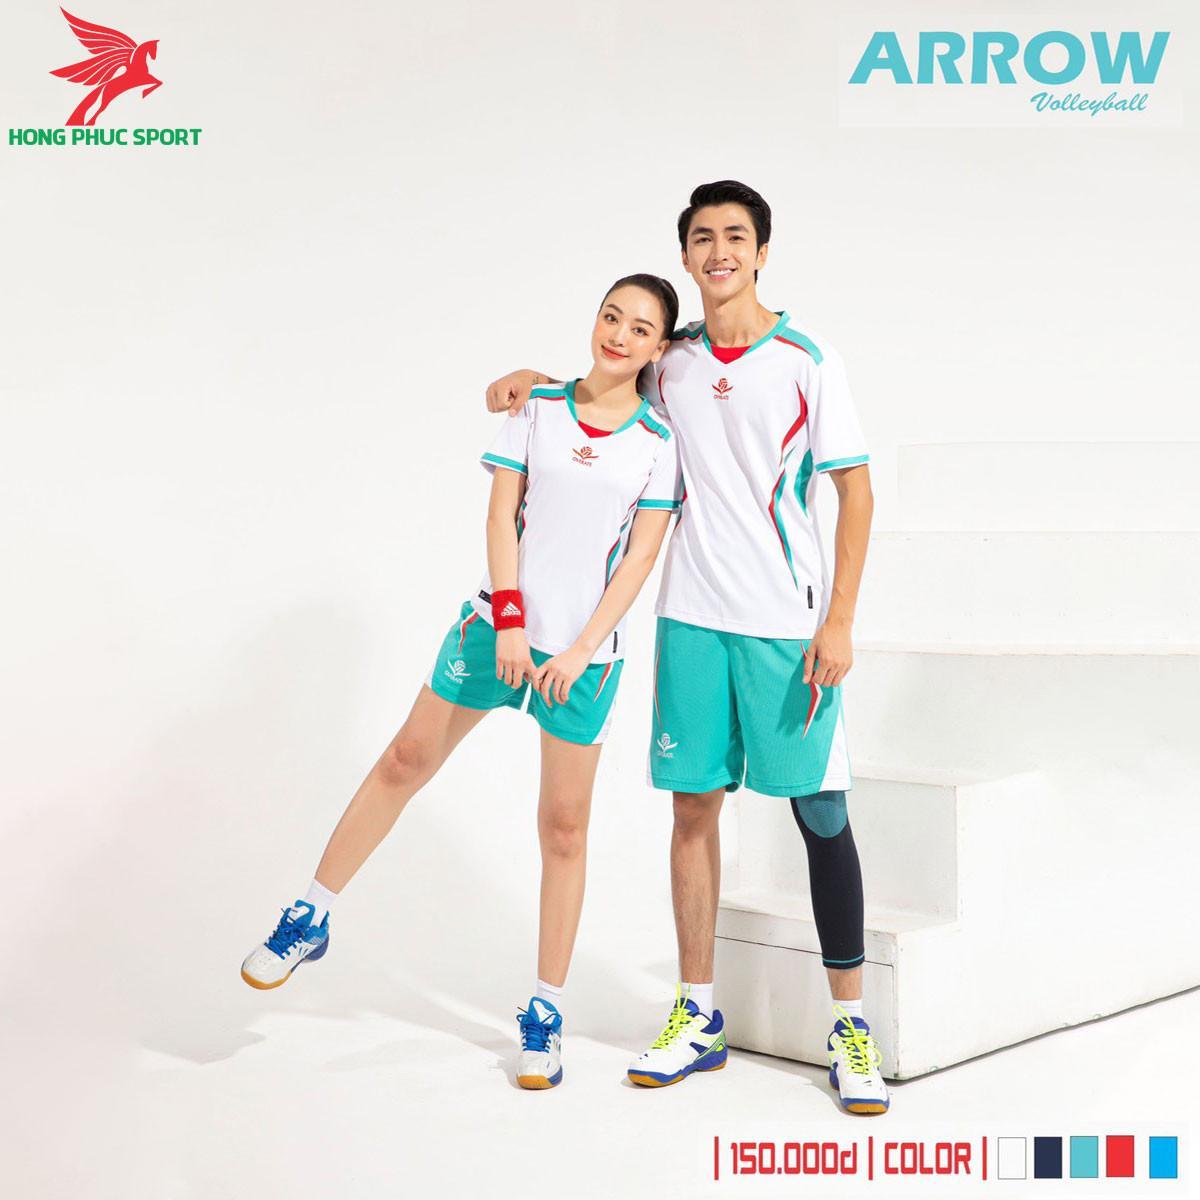 Áo thi đấu bóng chuyền Overate Arrow 2021 màu Trắng